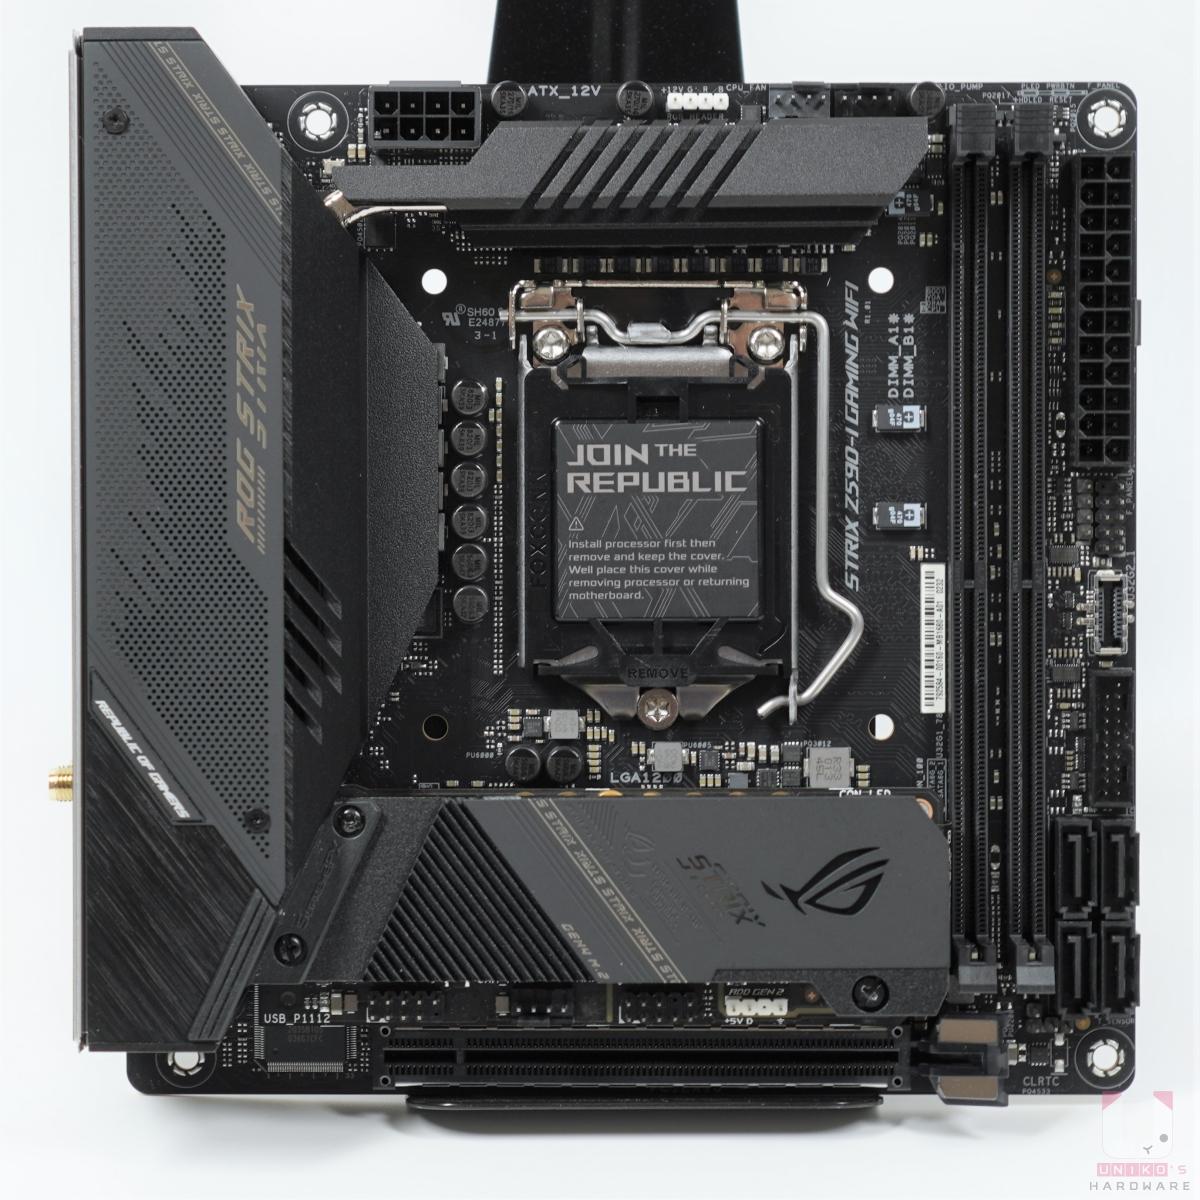 標準 Mini ITX 規格,尺寸 17cm x 17cm。